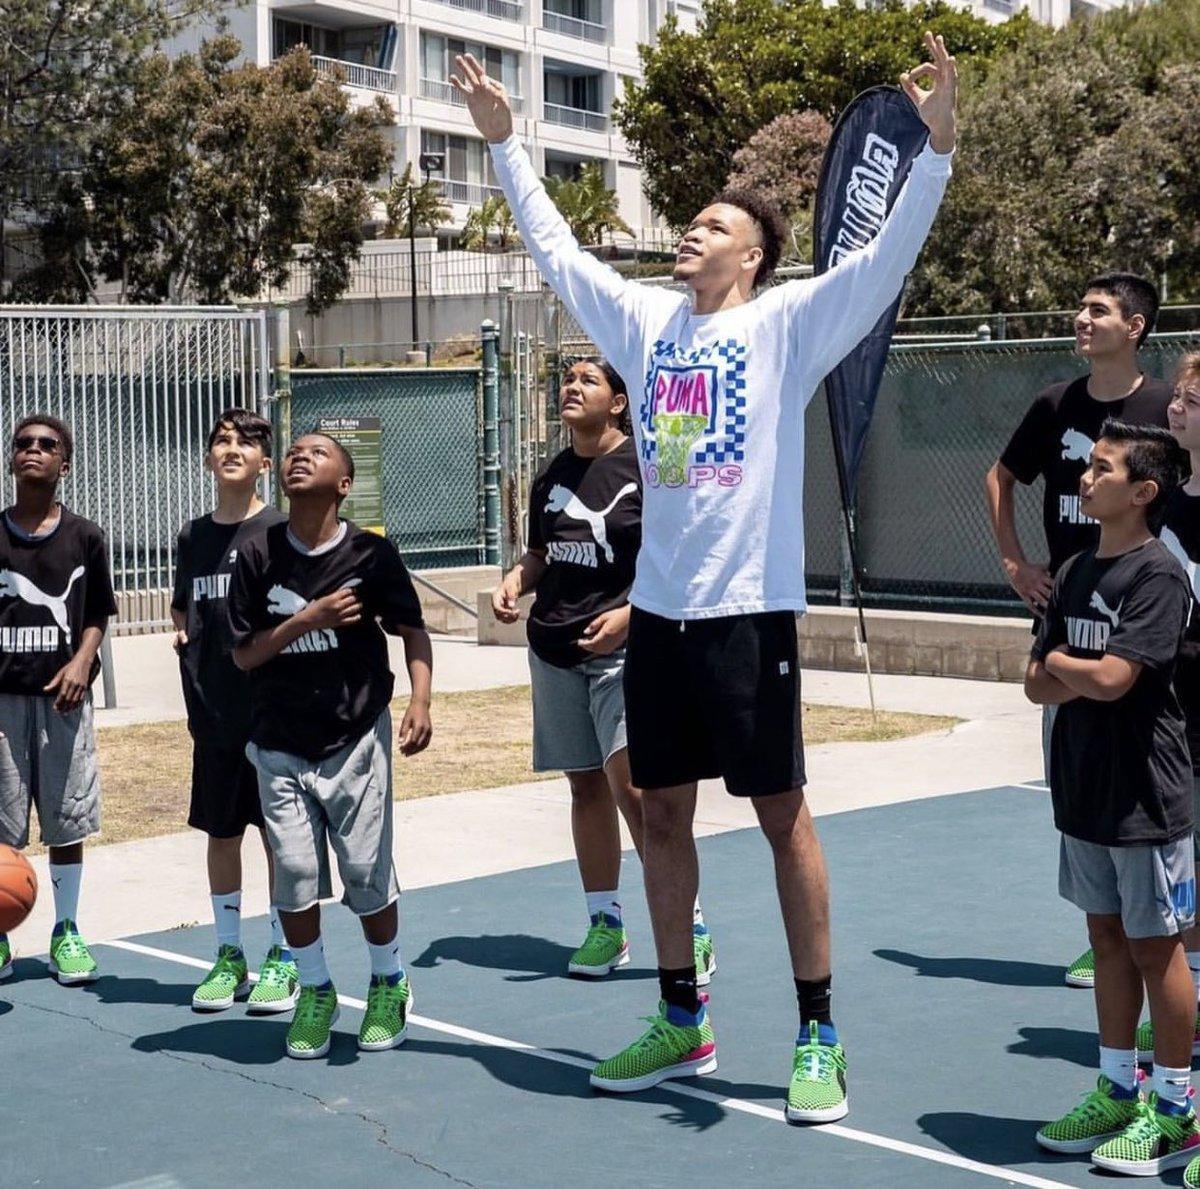 .@KevKnox bringing the summertime hoops to the kids 🙌 #JrKnicks